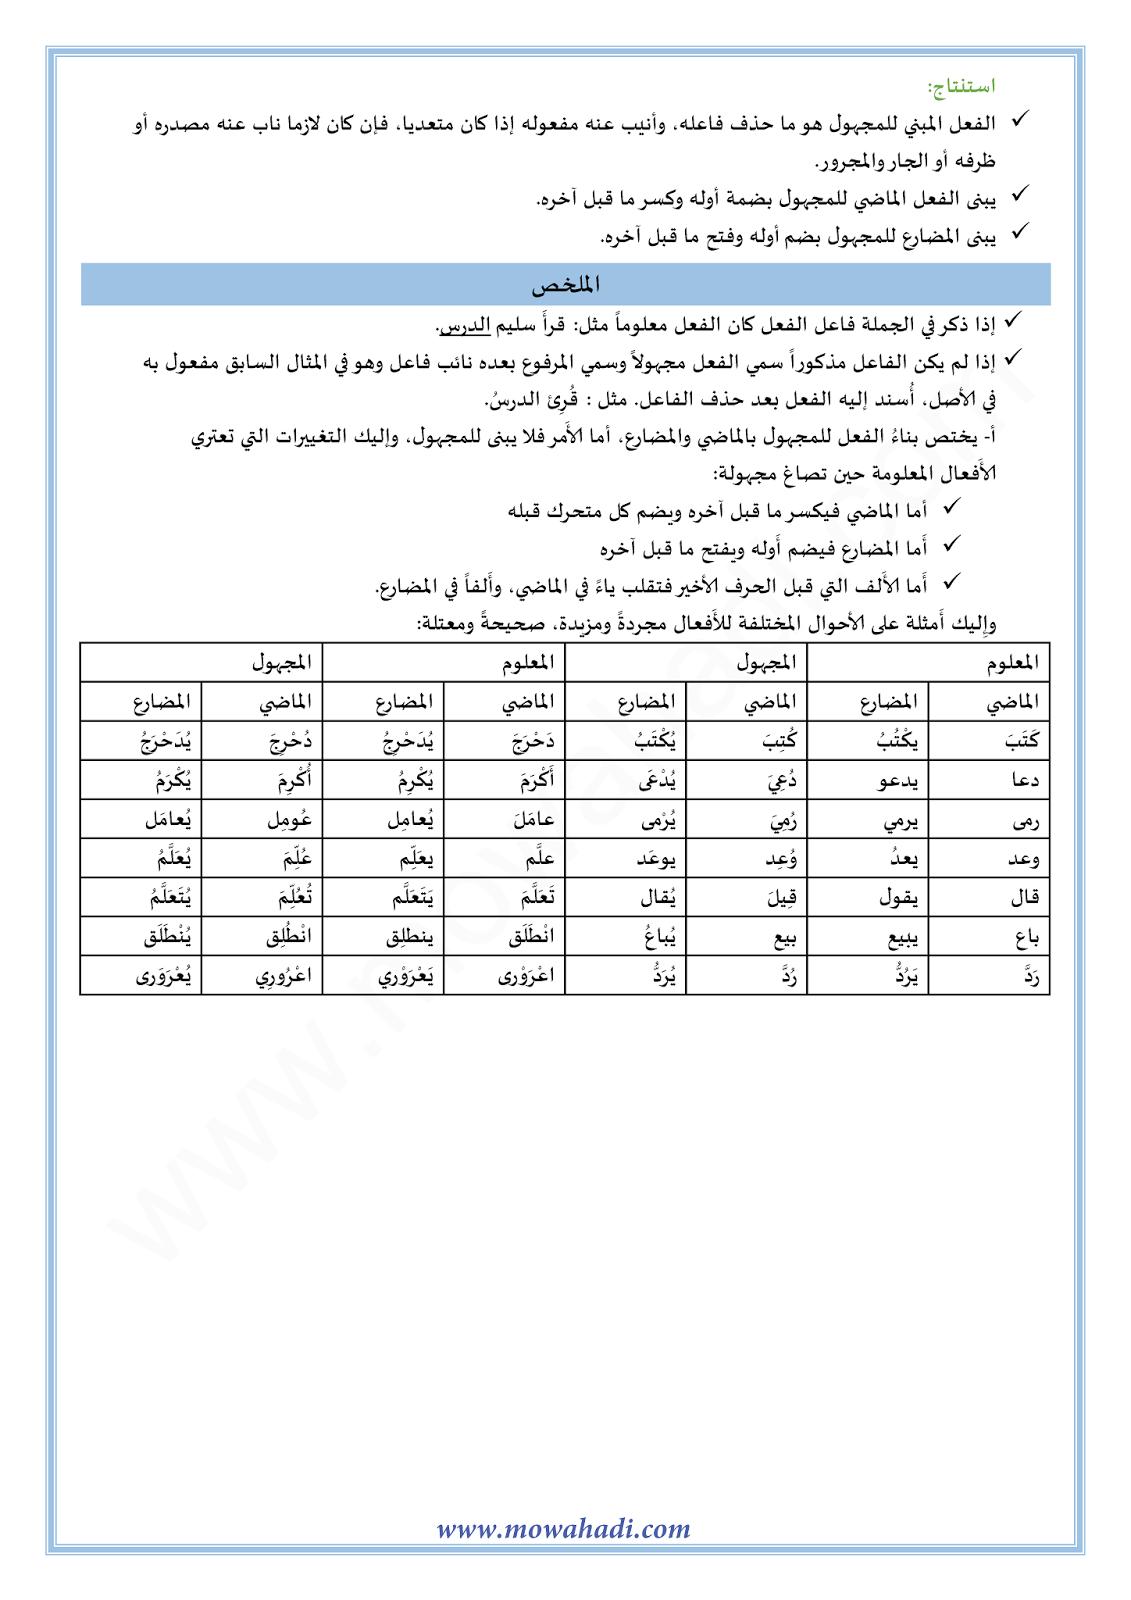 المبني للمجهول وأحكامه-1